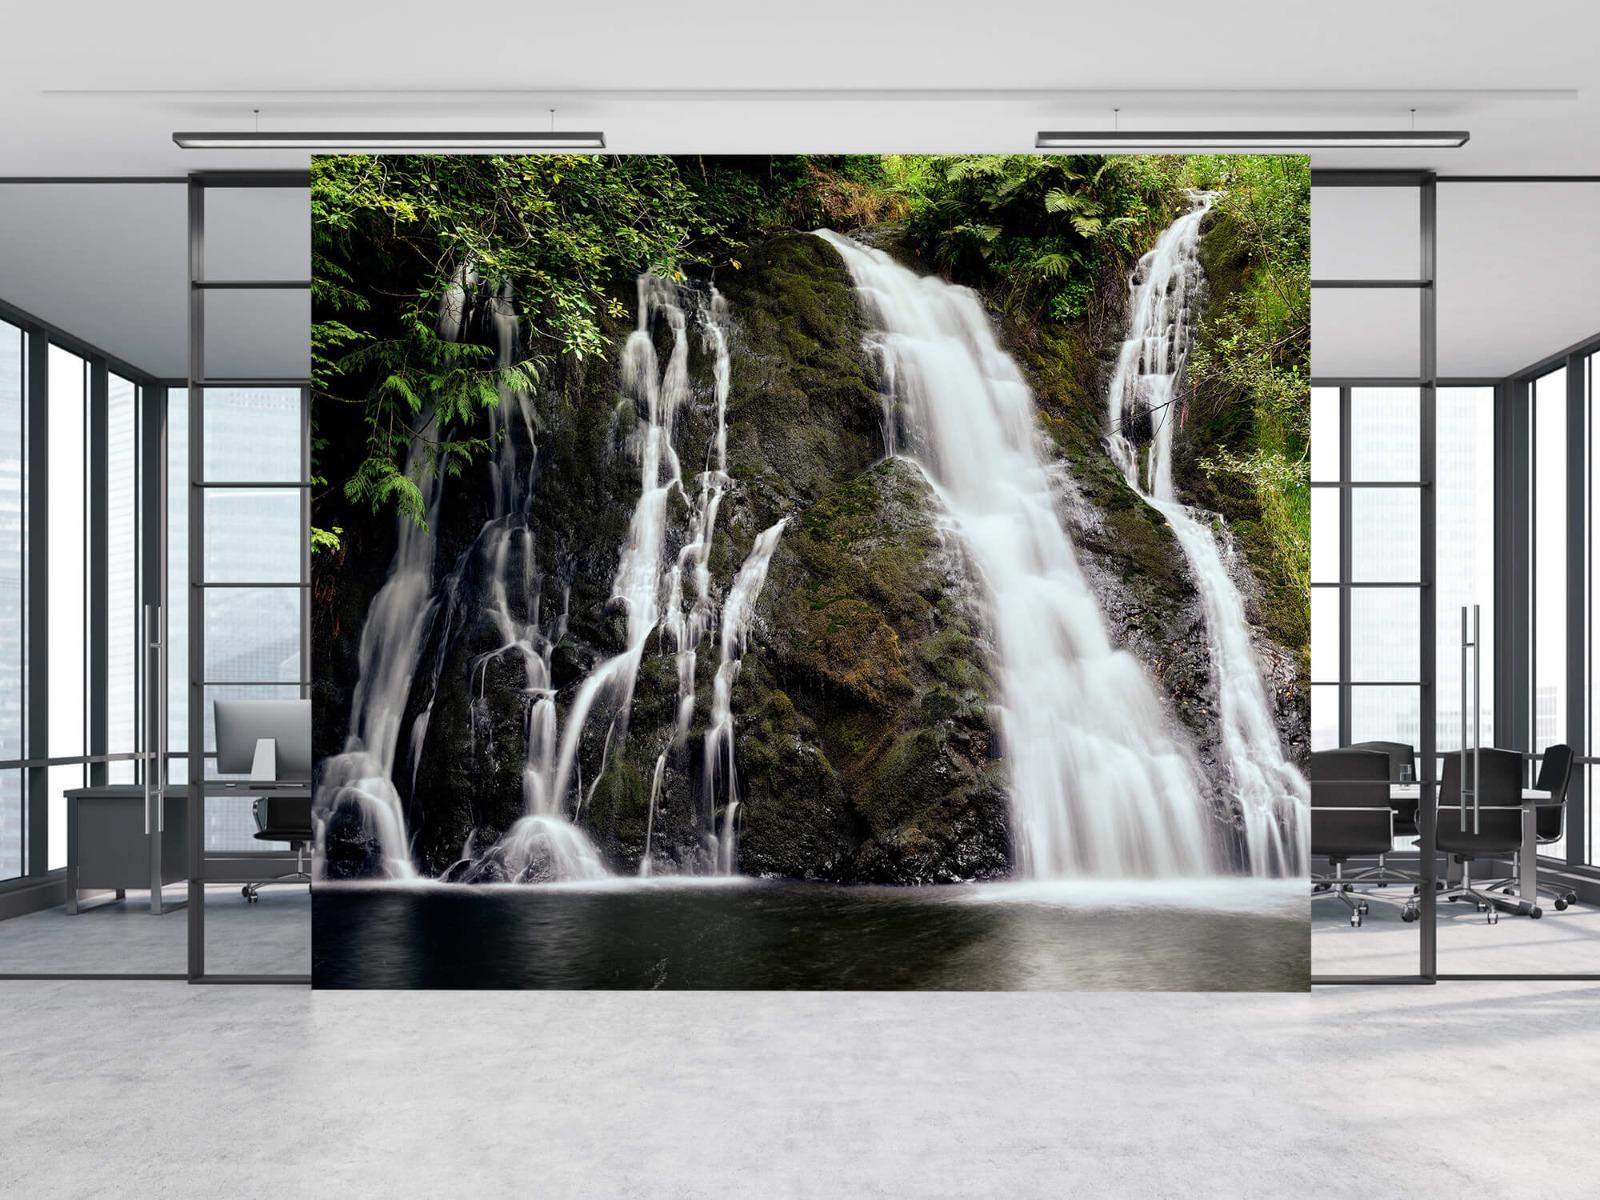 Watervallen - Waterval met 4 stromen - Wallexclusive - Slaapkamer 10